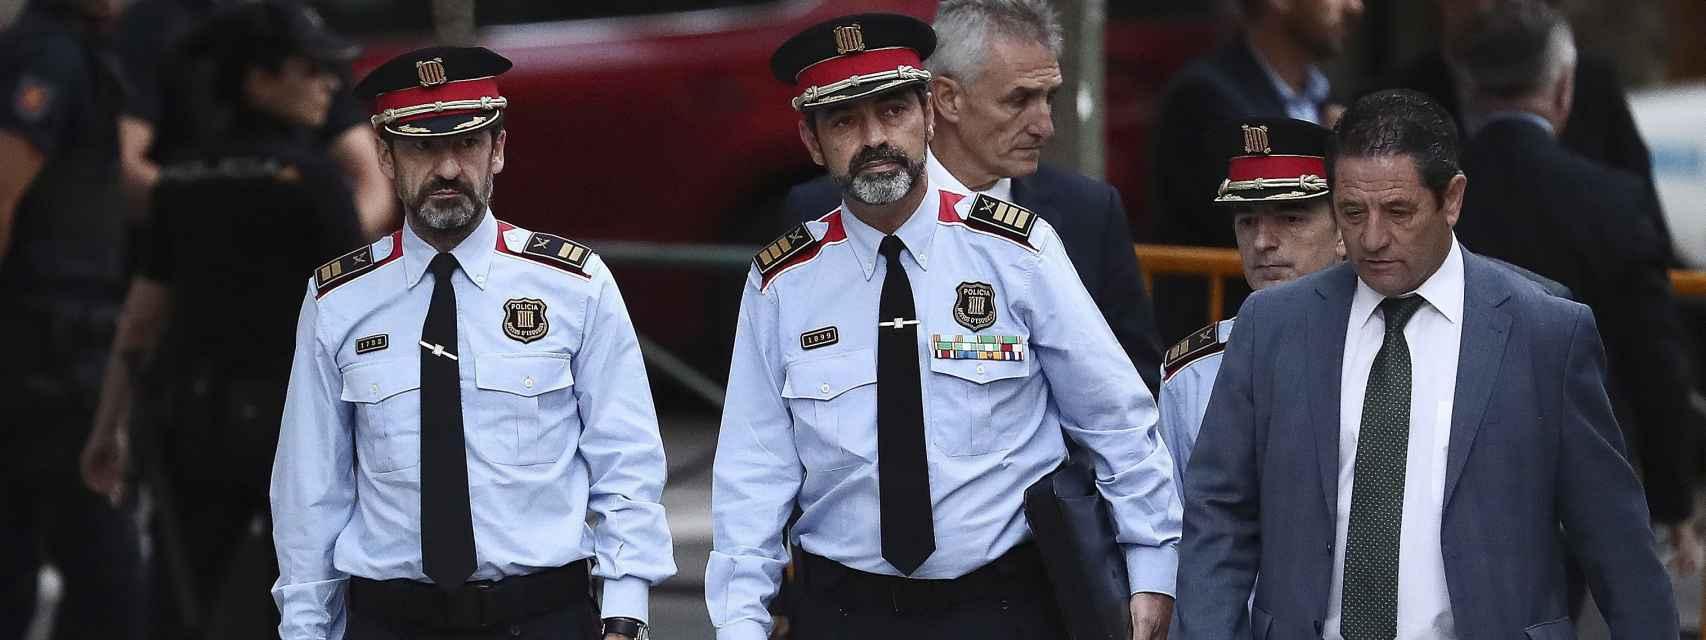 El mayor Josep Lluís Trapero a su llegada a la Audiencia Nacional